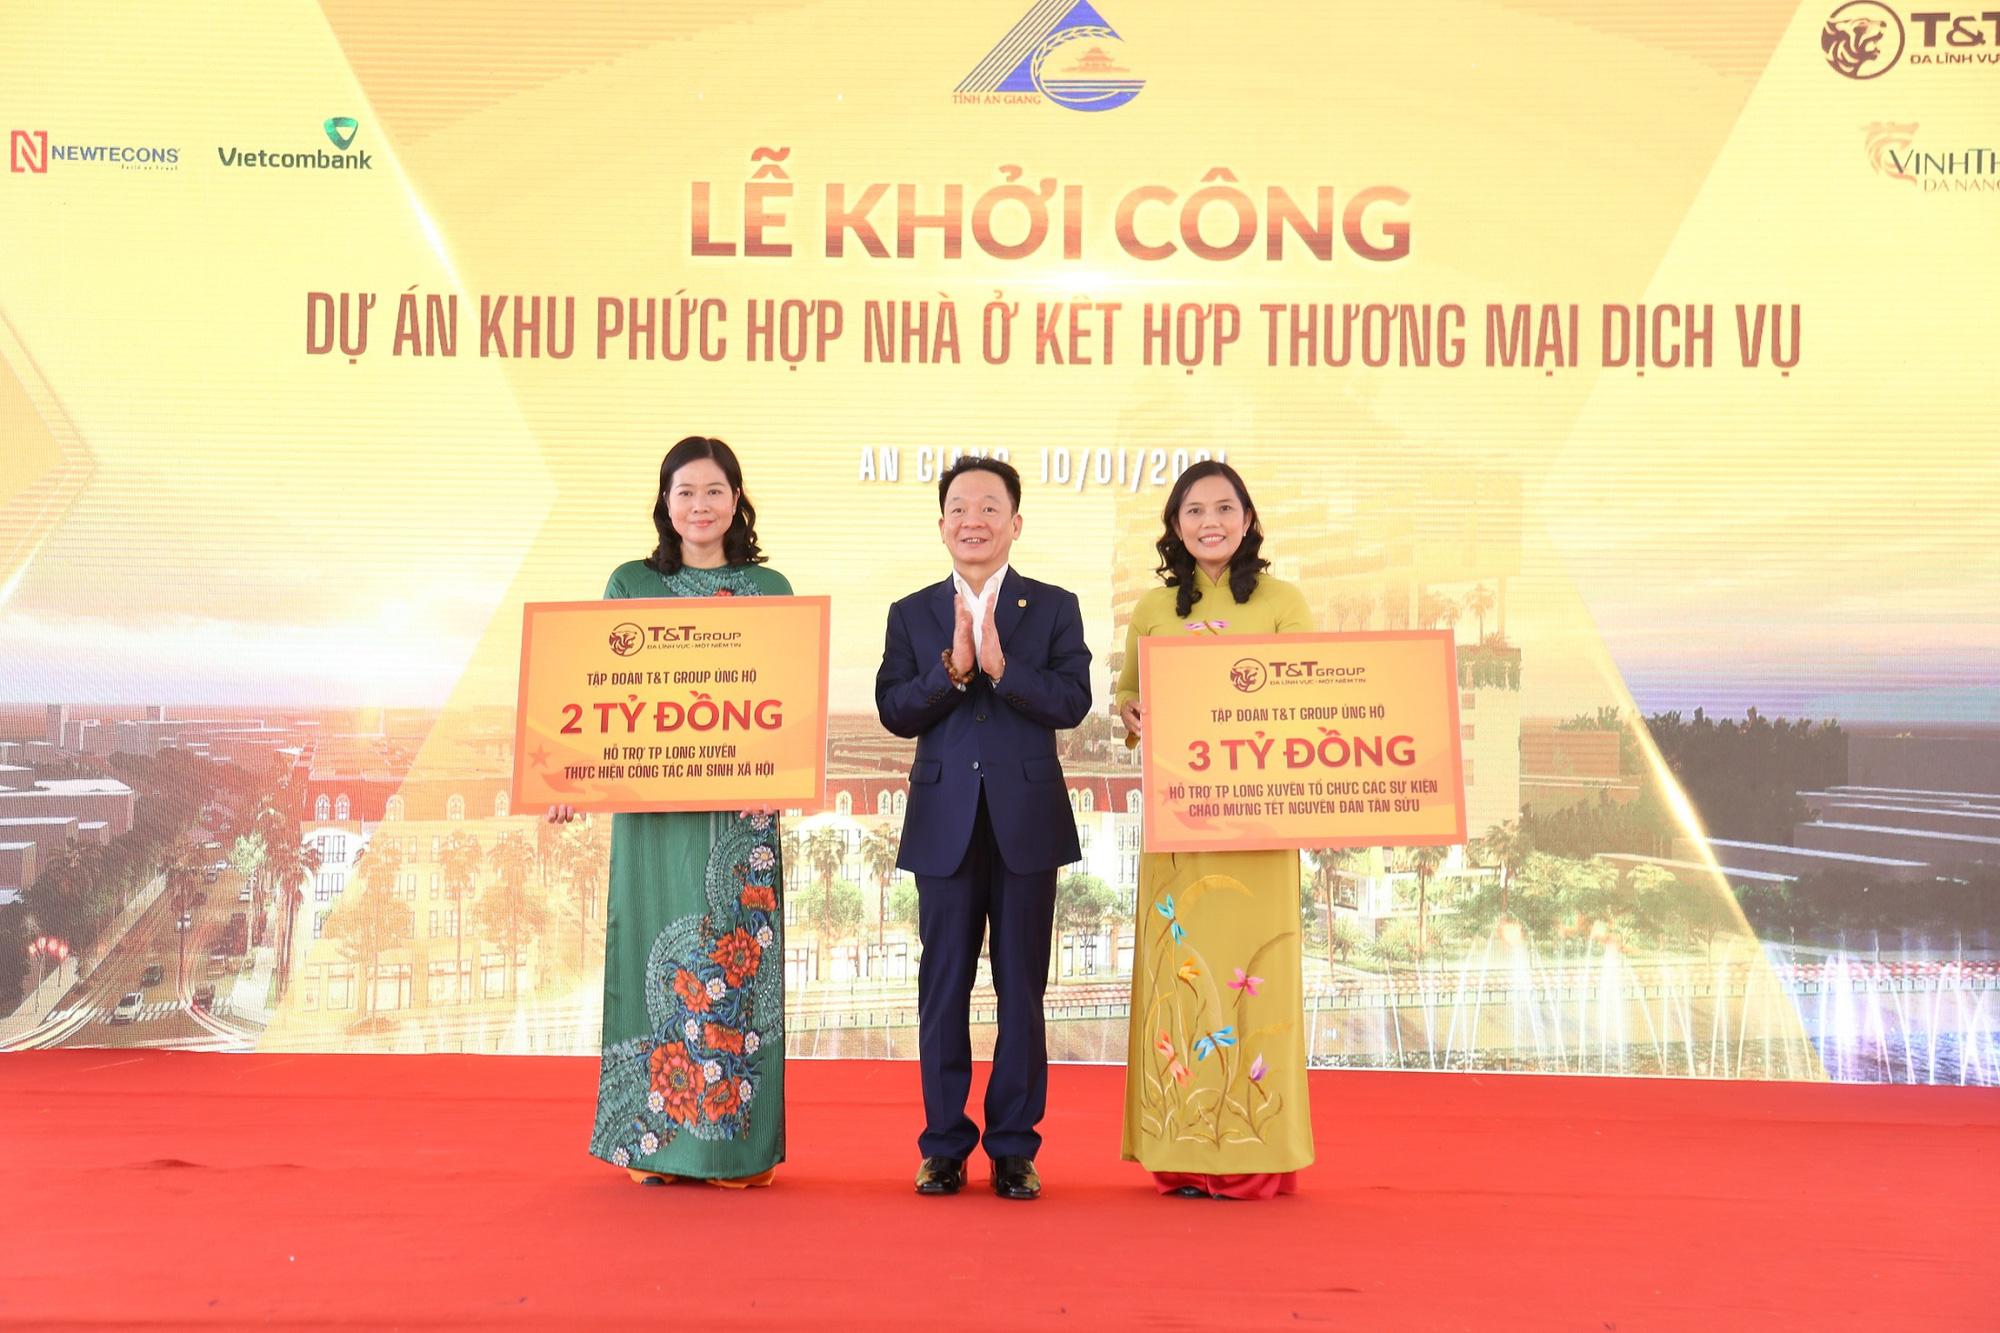 T&T Group khởi công khu phức hợp nhà ở - thương mại dịch vụ tại Trung tâm TP. Long Xuyên - Ảnh 3.